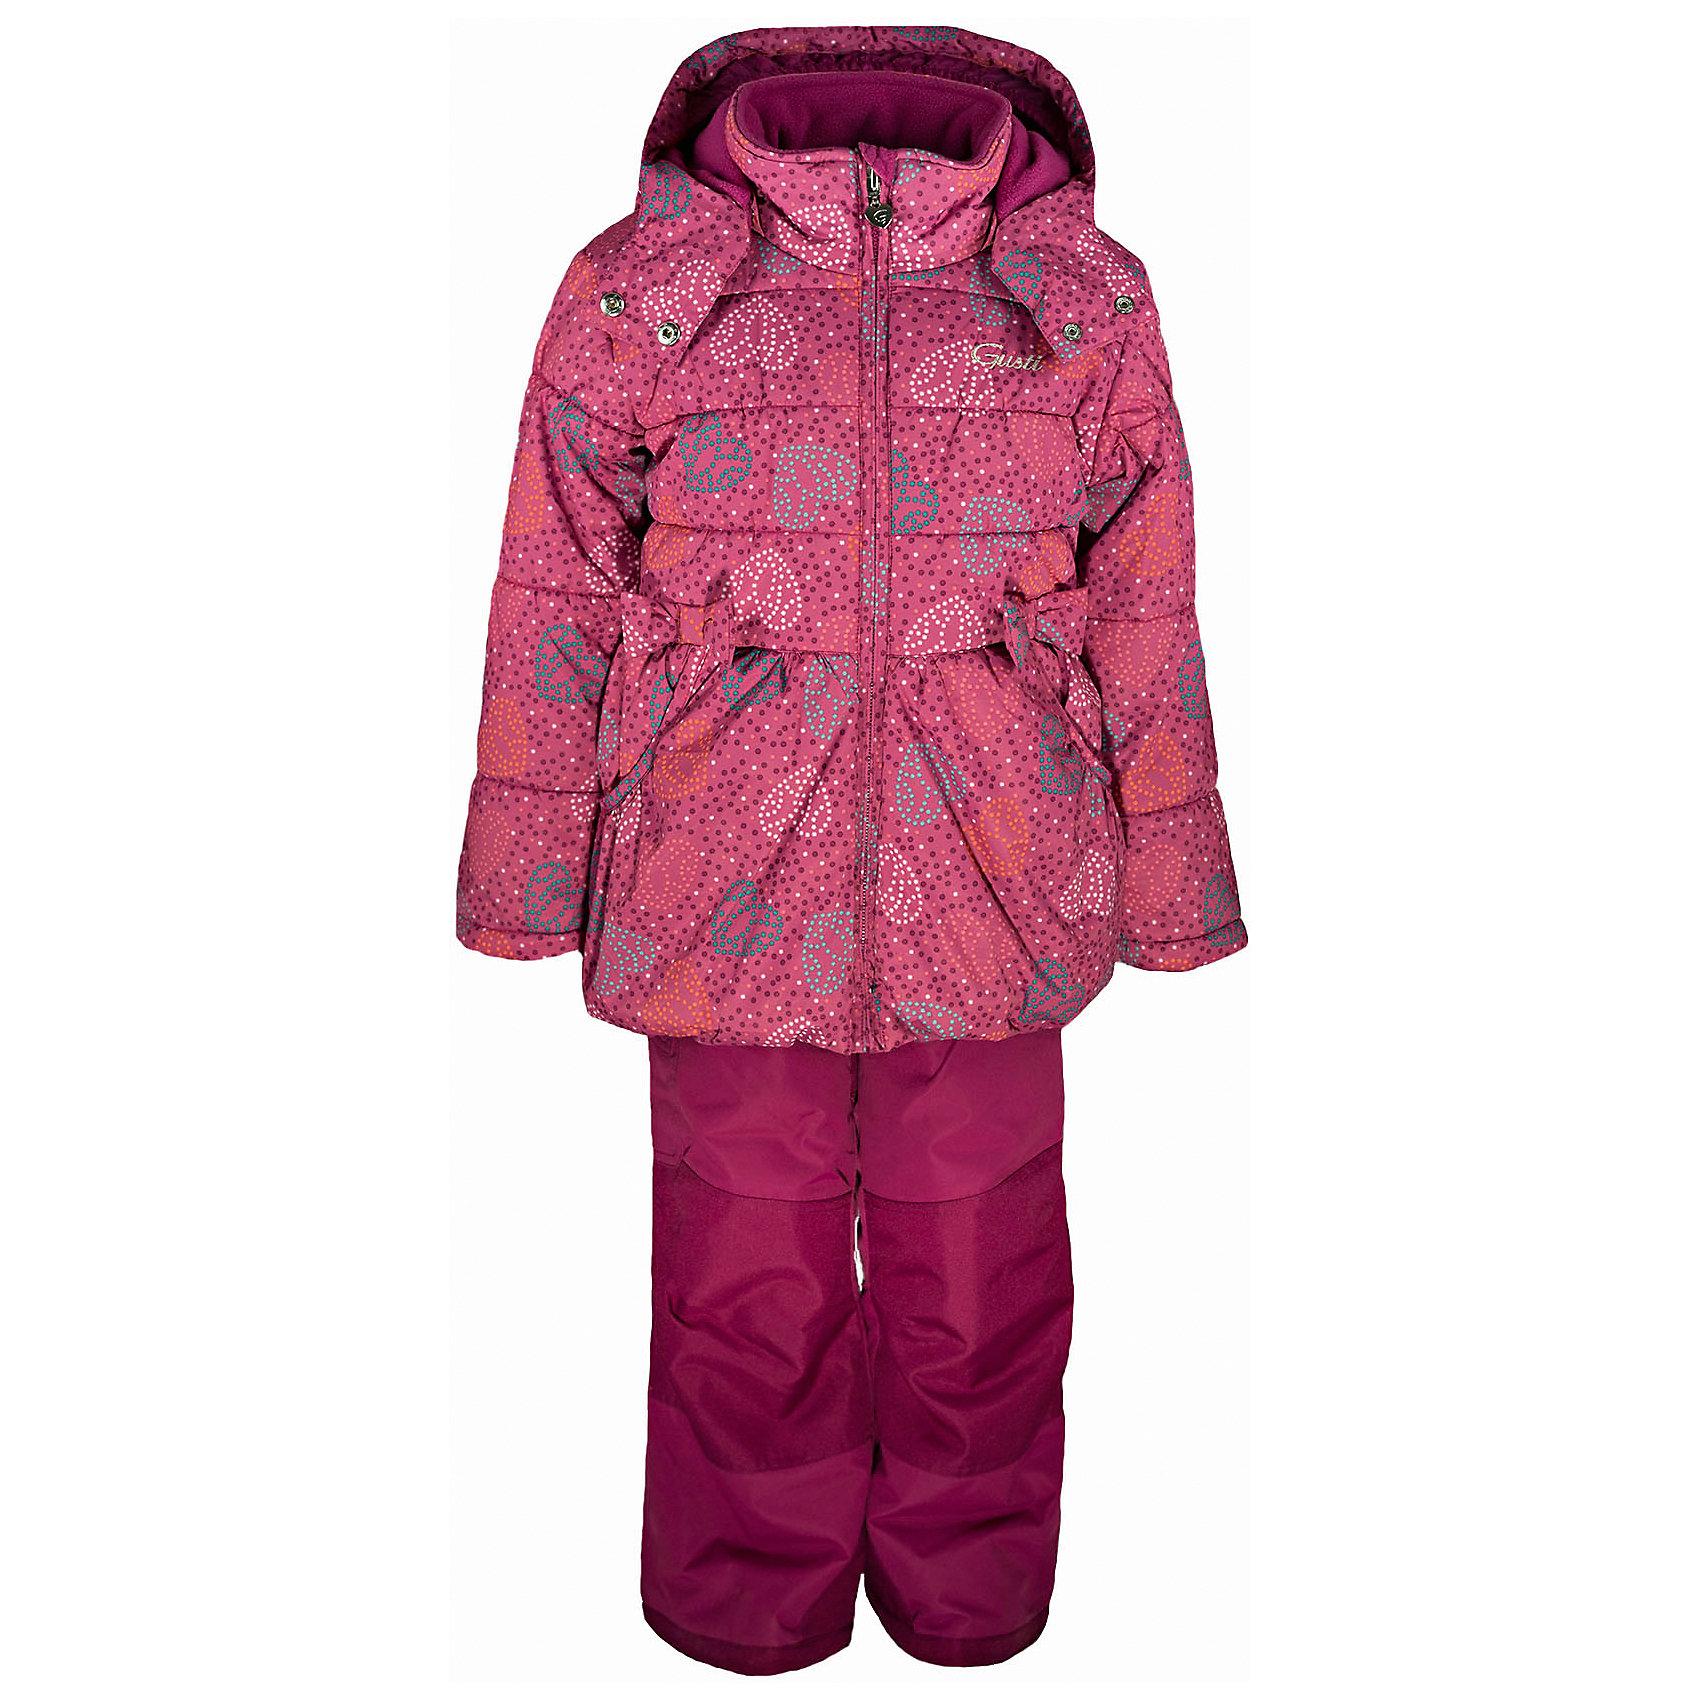 Комплект: куртка и полукомбинезон GUSTIКомплект: куртка и полукомбинезон GUSTI (ГУСТИ) – это идеальный вариант для суровой зимы с сильными морозами.<br><br>Температурный режим: до -30  градусов. Степень утепления – высокая. <br><br>* Температурный режим указан приблизительно — необходимо, прежде всего, ориентироваться на ощущения ребенка. Температурный режим работает в случае соблюдения правила многослойности – использования флисовой поддевы и термобелья.<br><br>Комплект от GUSTI (ГУСТИ) состоит из куртки и полукомбинезона, выполненных из плотного непромокаемого материала с защитной от влаги мембраной 5000 мм. Тань хорошо сохраняет тепло, отталкивает влагу и позволяет коже ребенка дышать. Утеплитель из тек-полифилла и флисовая внутренняя отделка на груди и на спинке дают возможность использовать комплект при очень низких температурах. Куртка застегивается на молнию с ветрозащитной планкой, имеет два боковых кармана, снегозащитную юбку, эластичную утяжку на талии, трикотажные манжеты в рукавах, высокий ворот с защитой подбородка, отстёгивающийся капюшон с флисовой подкладкой. Полукомбинезон застегивается на молнию, имеет накладной карман с клапаном на липучке, регулируемые лямки, снегозащитные гетры. Длина брючин регулируется (отворот с креплением на липе). Сзади, на коленях, и по низу брючин имеется дополнительный слой ткани Cordura Oxford (сверхстойкий полиэстер). До размера 6х (120 см.) у полукомбинезона высокая грудка, в размерах 7 (122 см.) - 14 (164см) отстегивающаяся спинка, грудки нет. Модель подходит для прогулок на морозе до -30 градусов.<br><br>Дополнительная информация:<br><br>- Сезон: зима<br>- Пол: девочка<br>- Цвет: розовый<br>- Температурный режим до -30 градусов<br>- Материал верха: куртка - shuss 5000мм (100% полиэстер); брюки - taslan 5000мм, накладки Cordura Oxford сзади, на коленях, и по низу брючин<br>- Наполнитель: куртка - тек-полифилл плотностью 283 гр/м (10 унций) 100% полиэстер; брюки - тек-полифилл плотностью 170 гр/м (6 унций) 100% полиэс